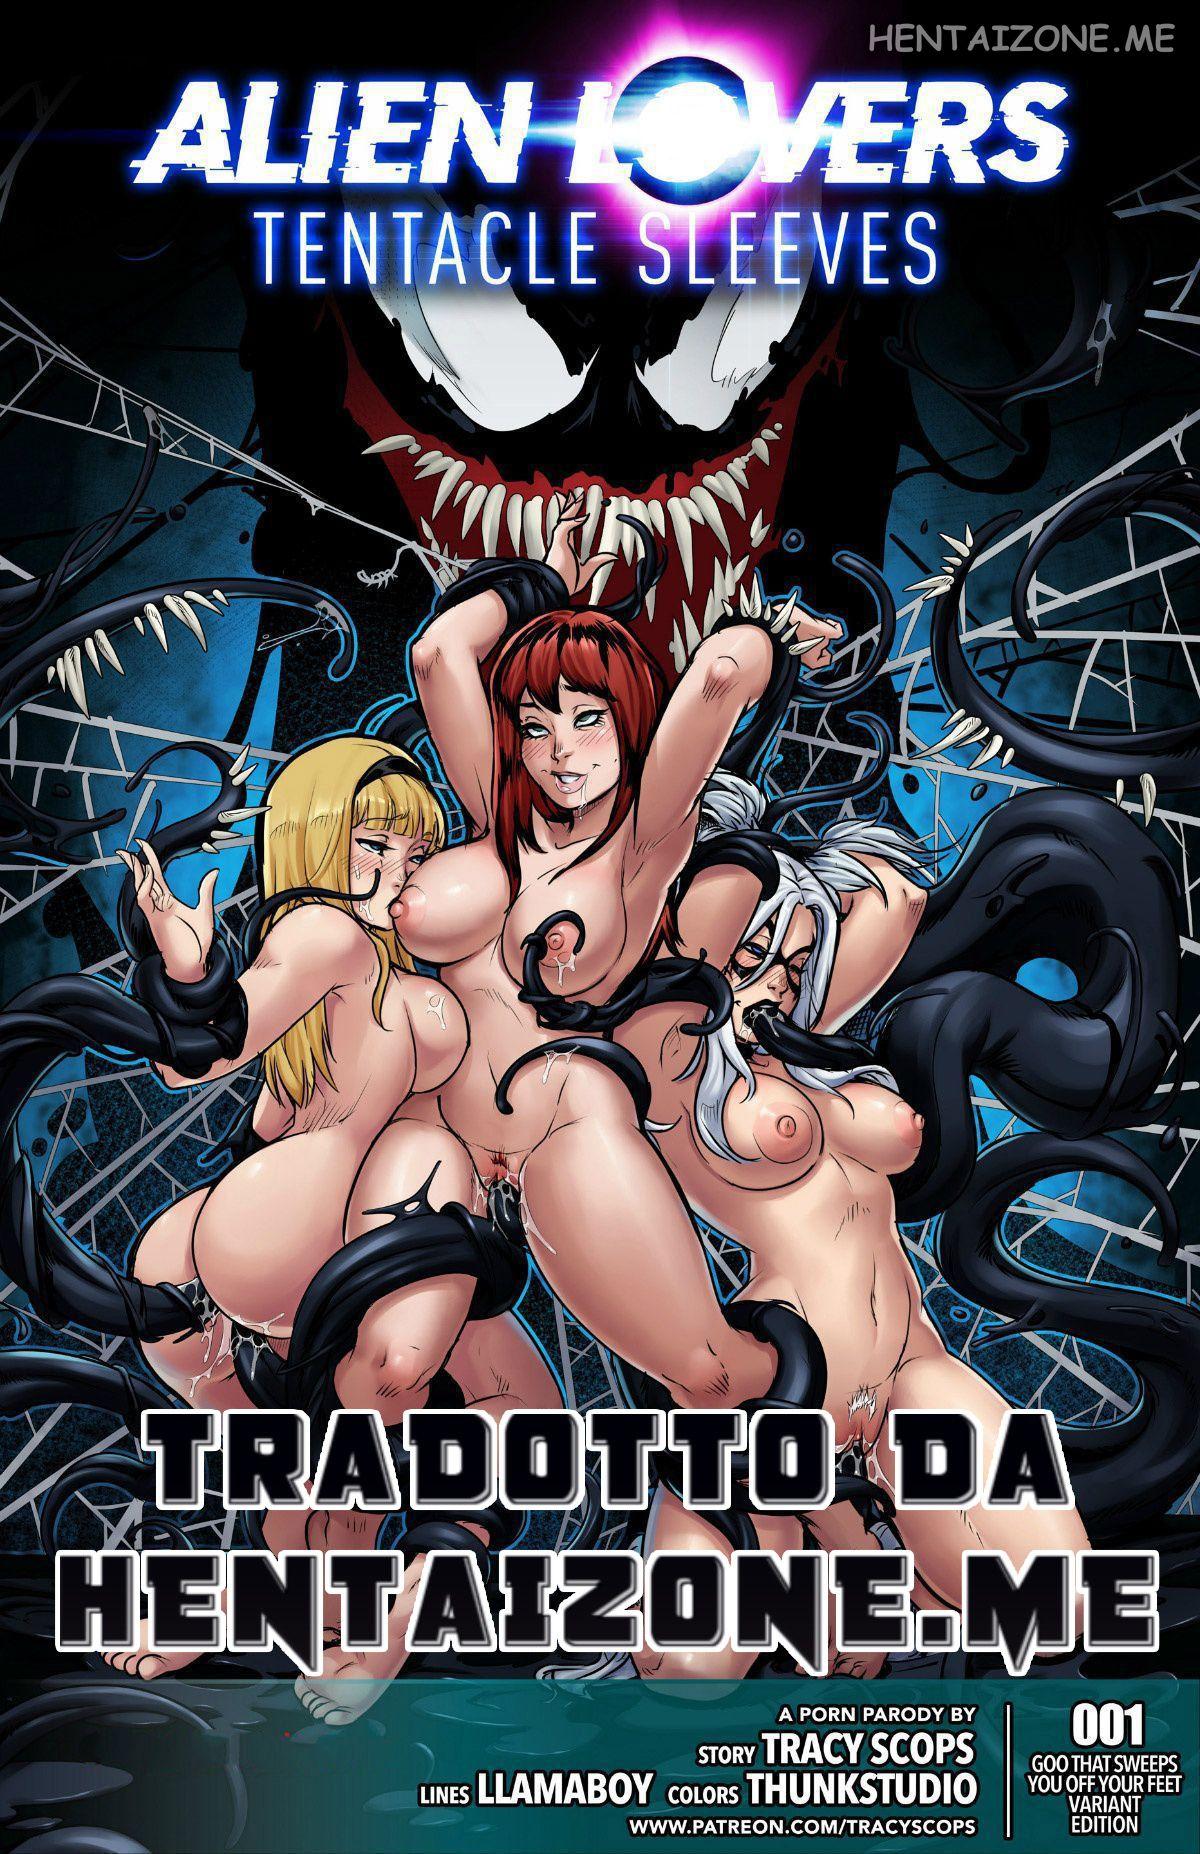 alieno spiderman prno xxx spiderman xxx porno hentai porno xxx